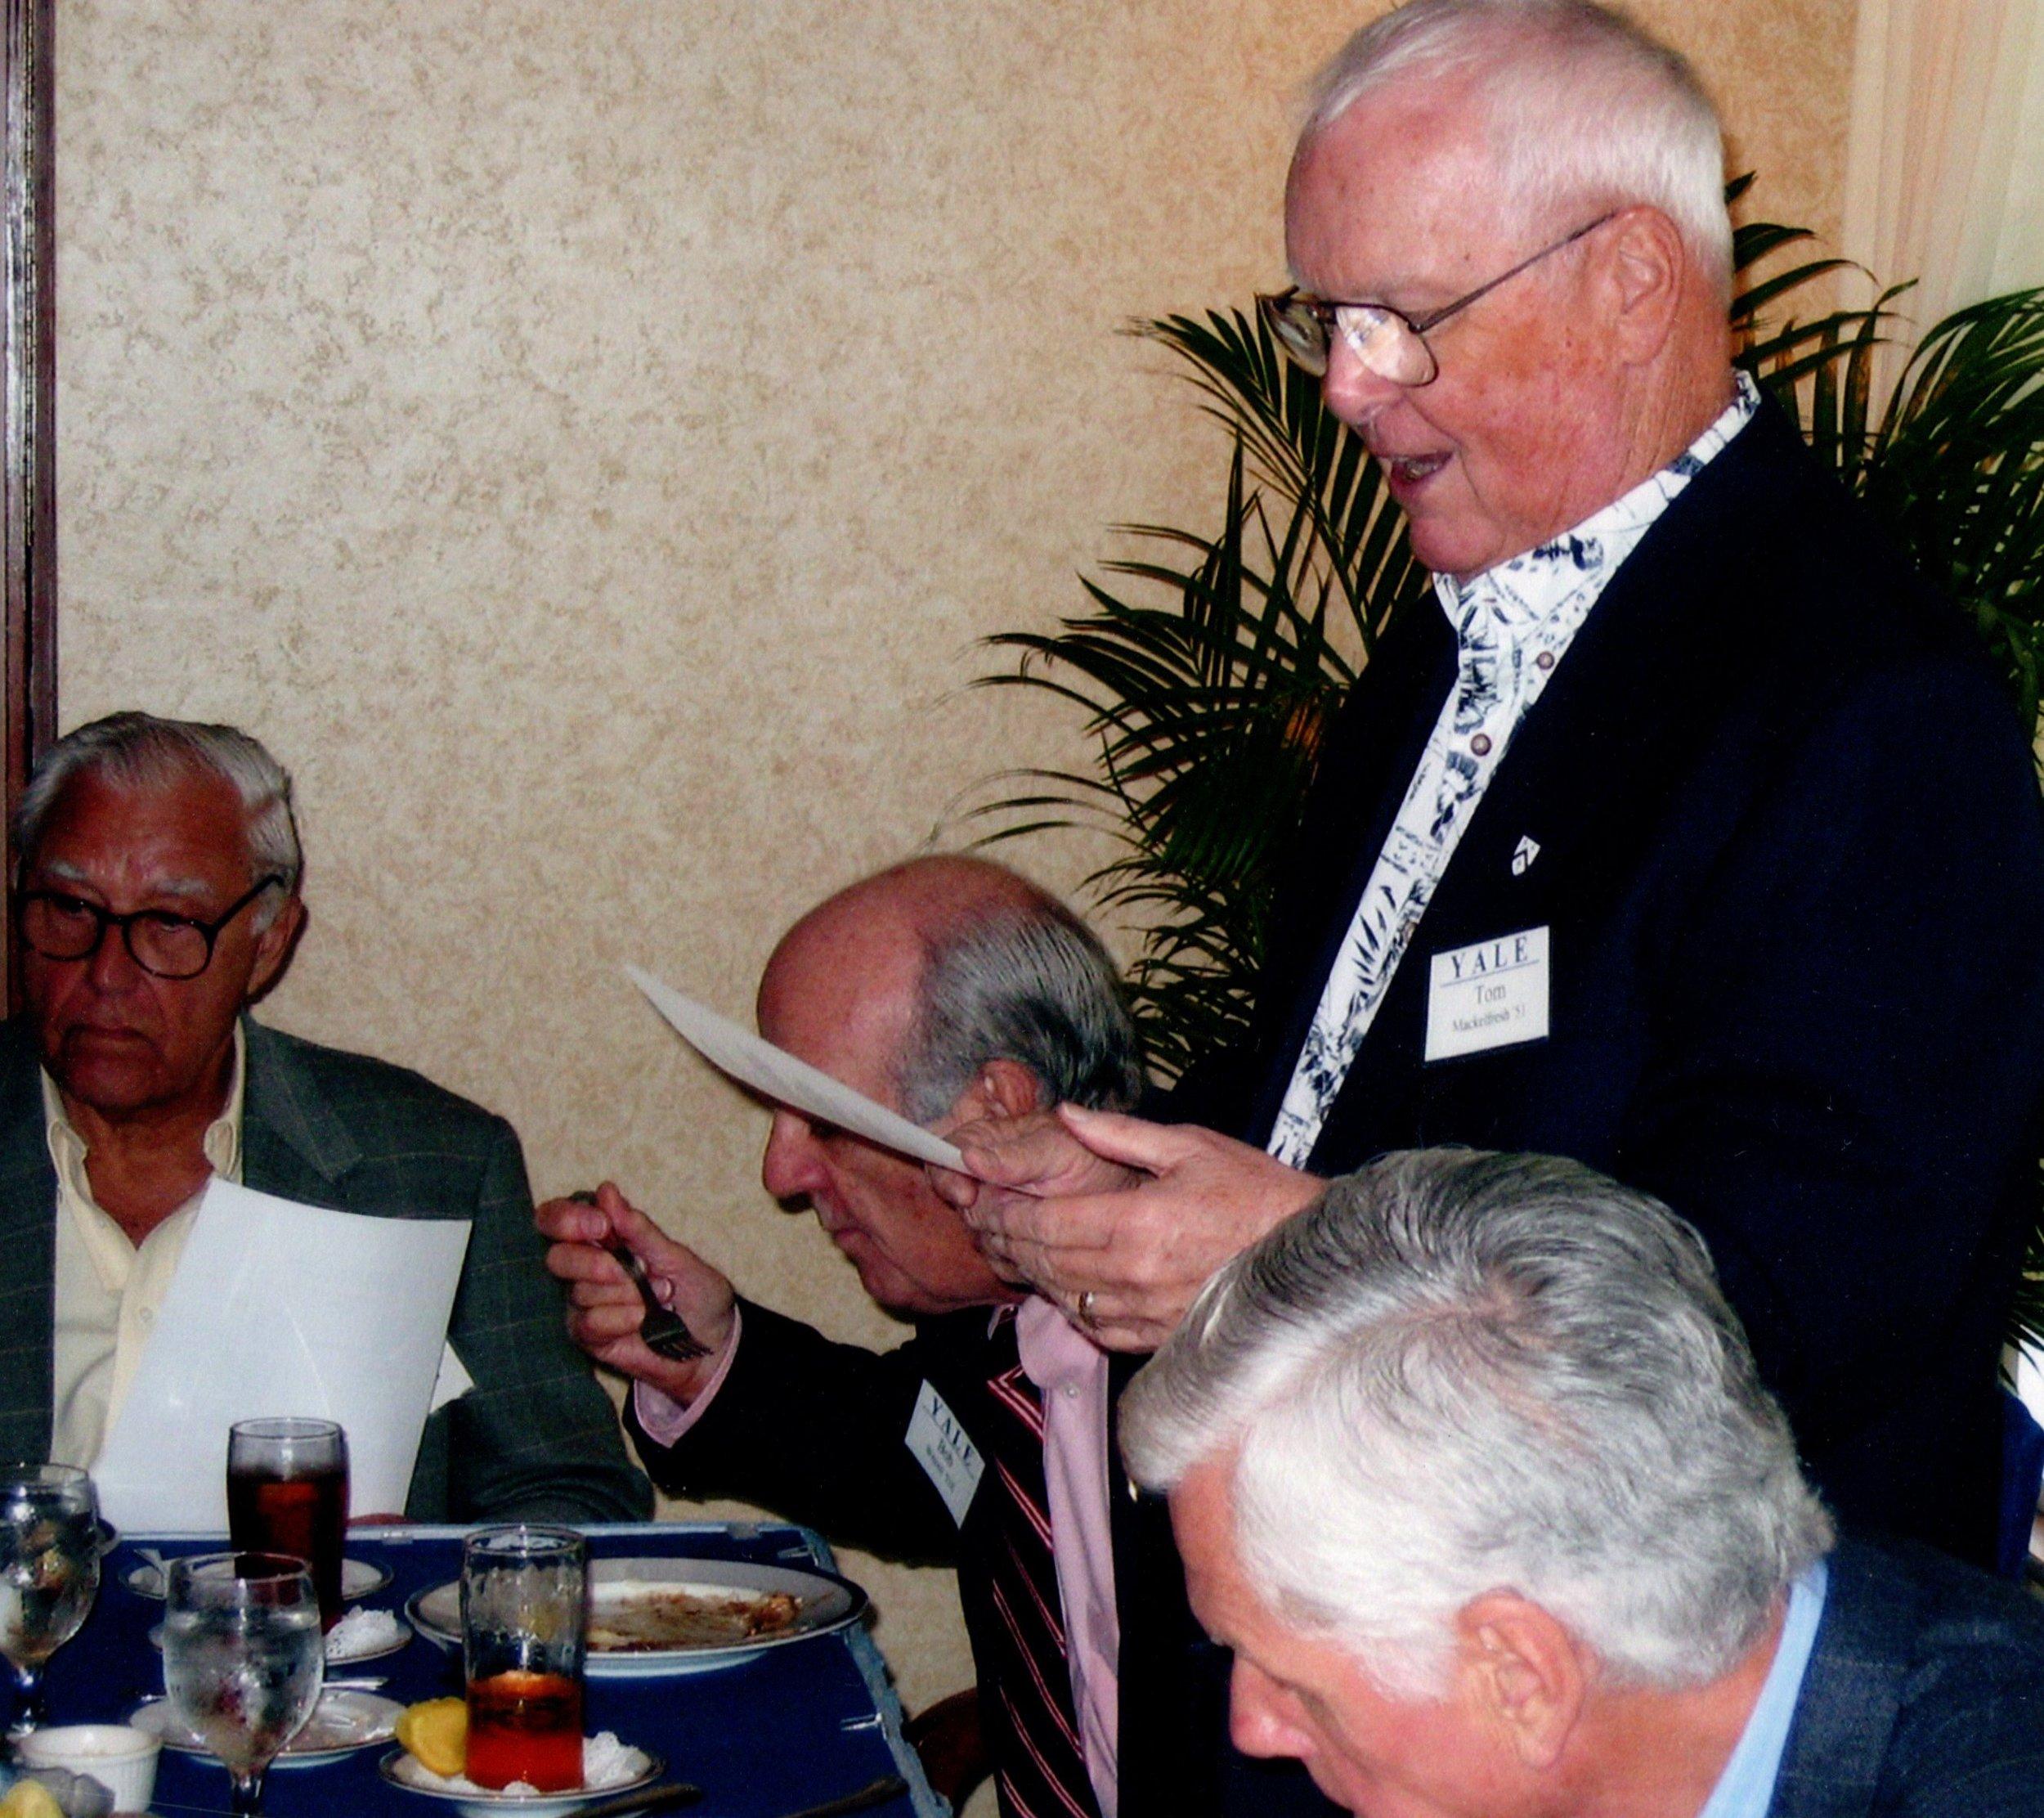 11_11_2004 - ANNUAL MEETING OF MEMBERS - NAPLES YACHT CLUB 20.jpg